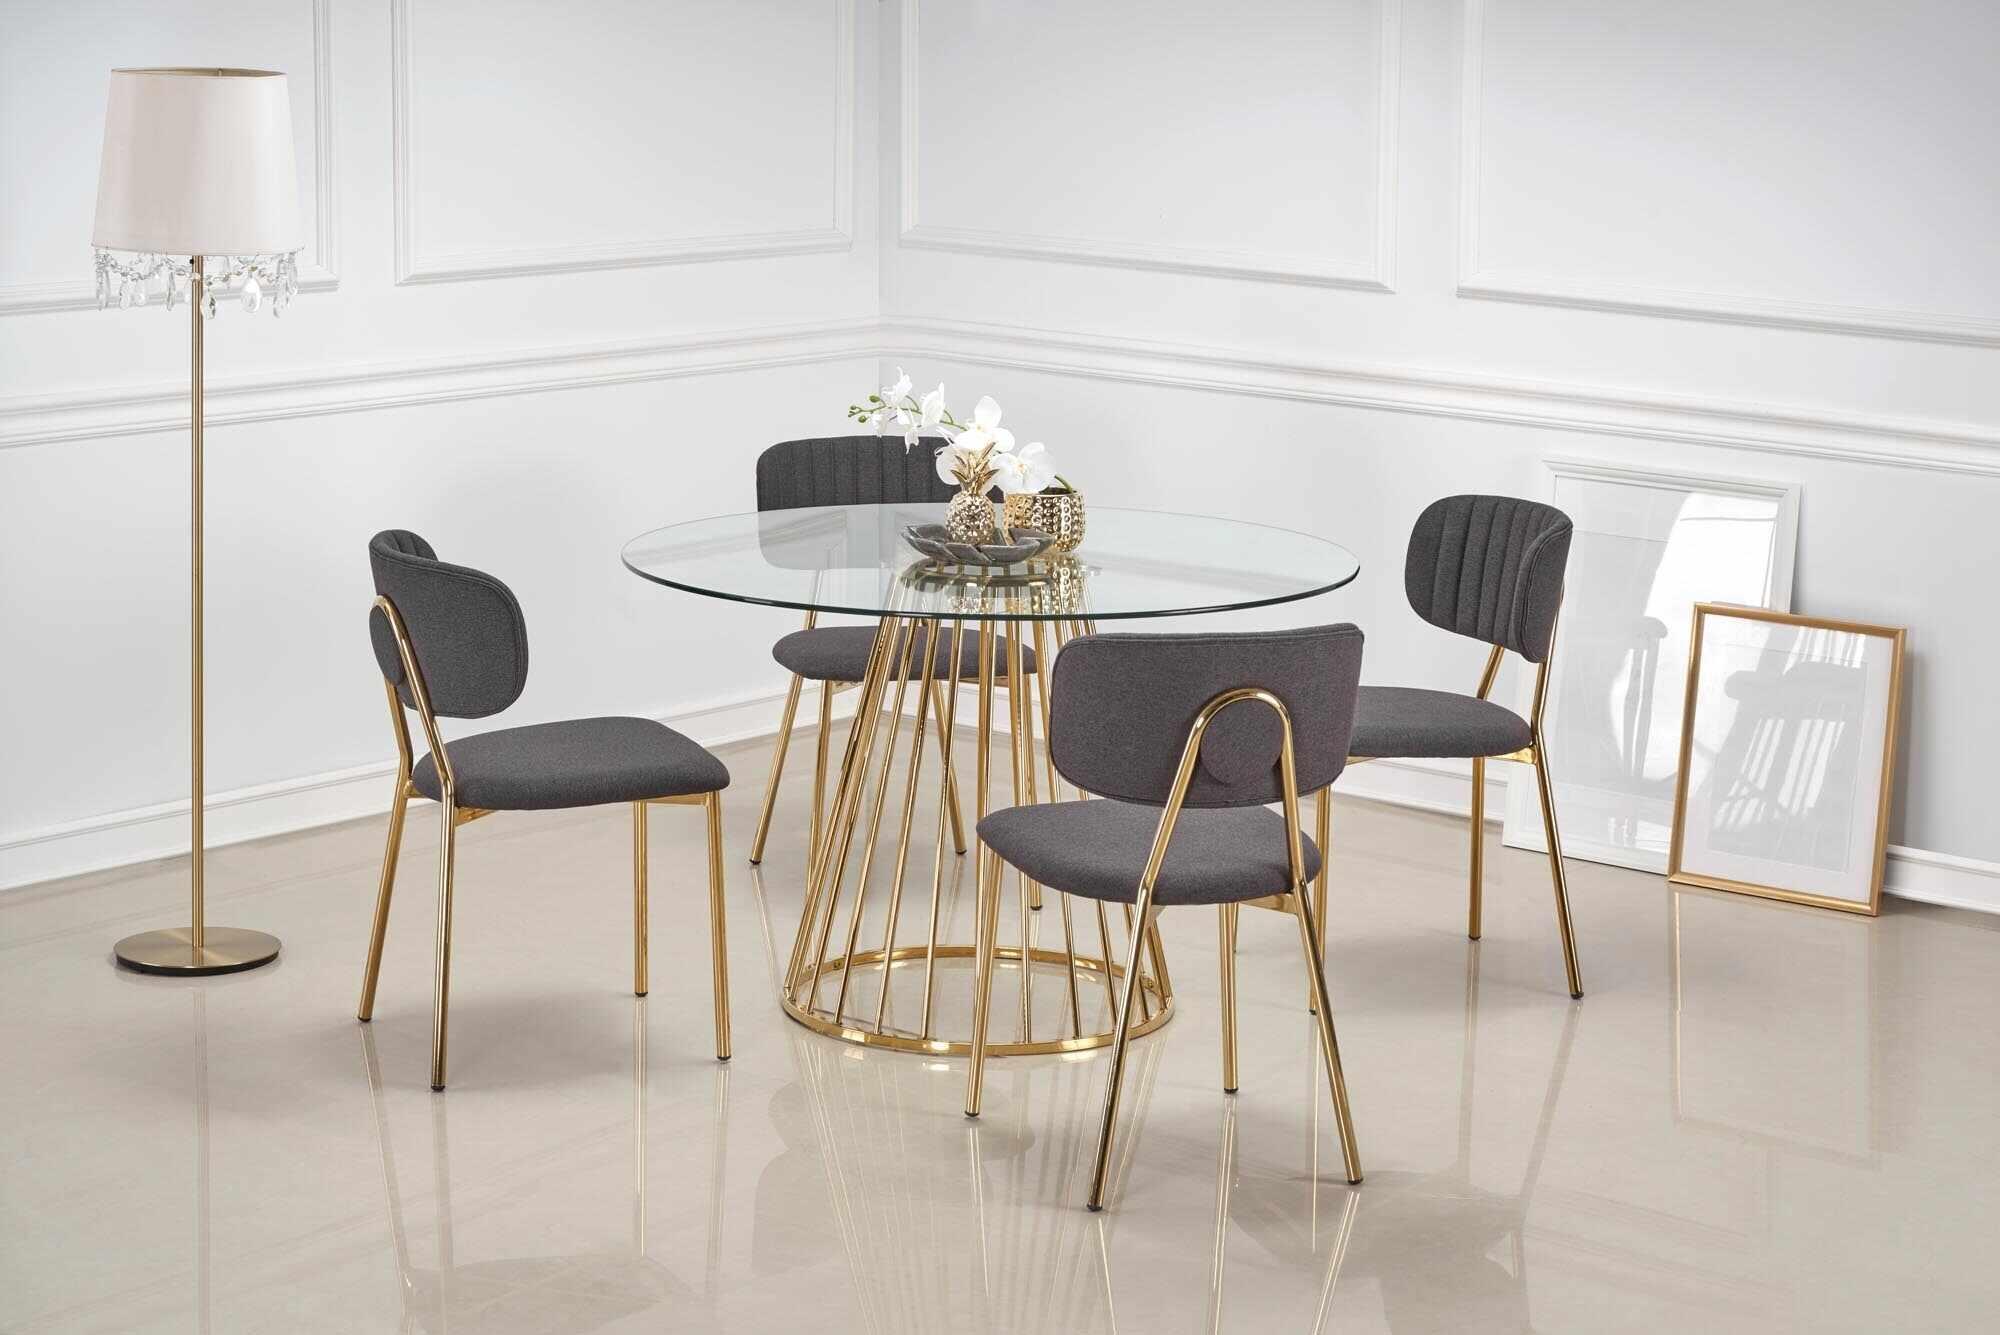 Set masa din sticla si metal Liverpool Transparent / Auriu + 4 scaune tapitate cu stofa K362 Gri / Auriu, Ø120xH75 cm la pret 3136 lei